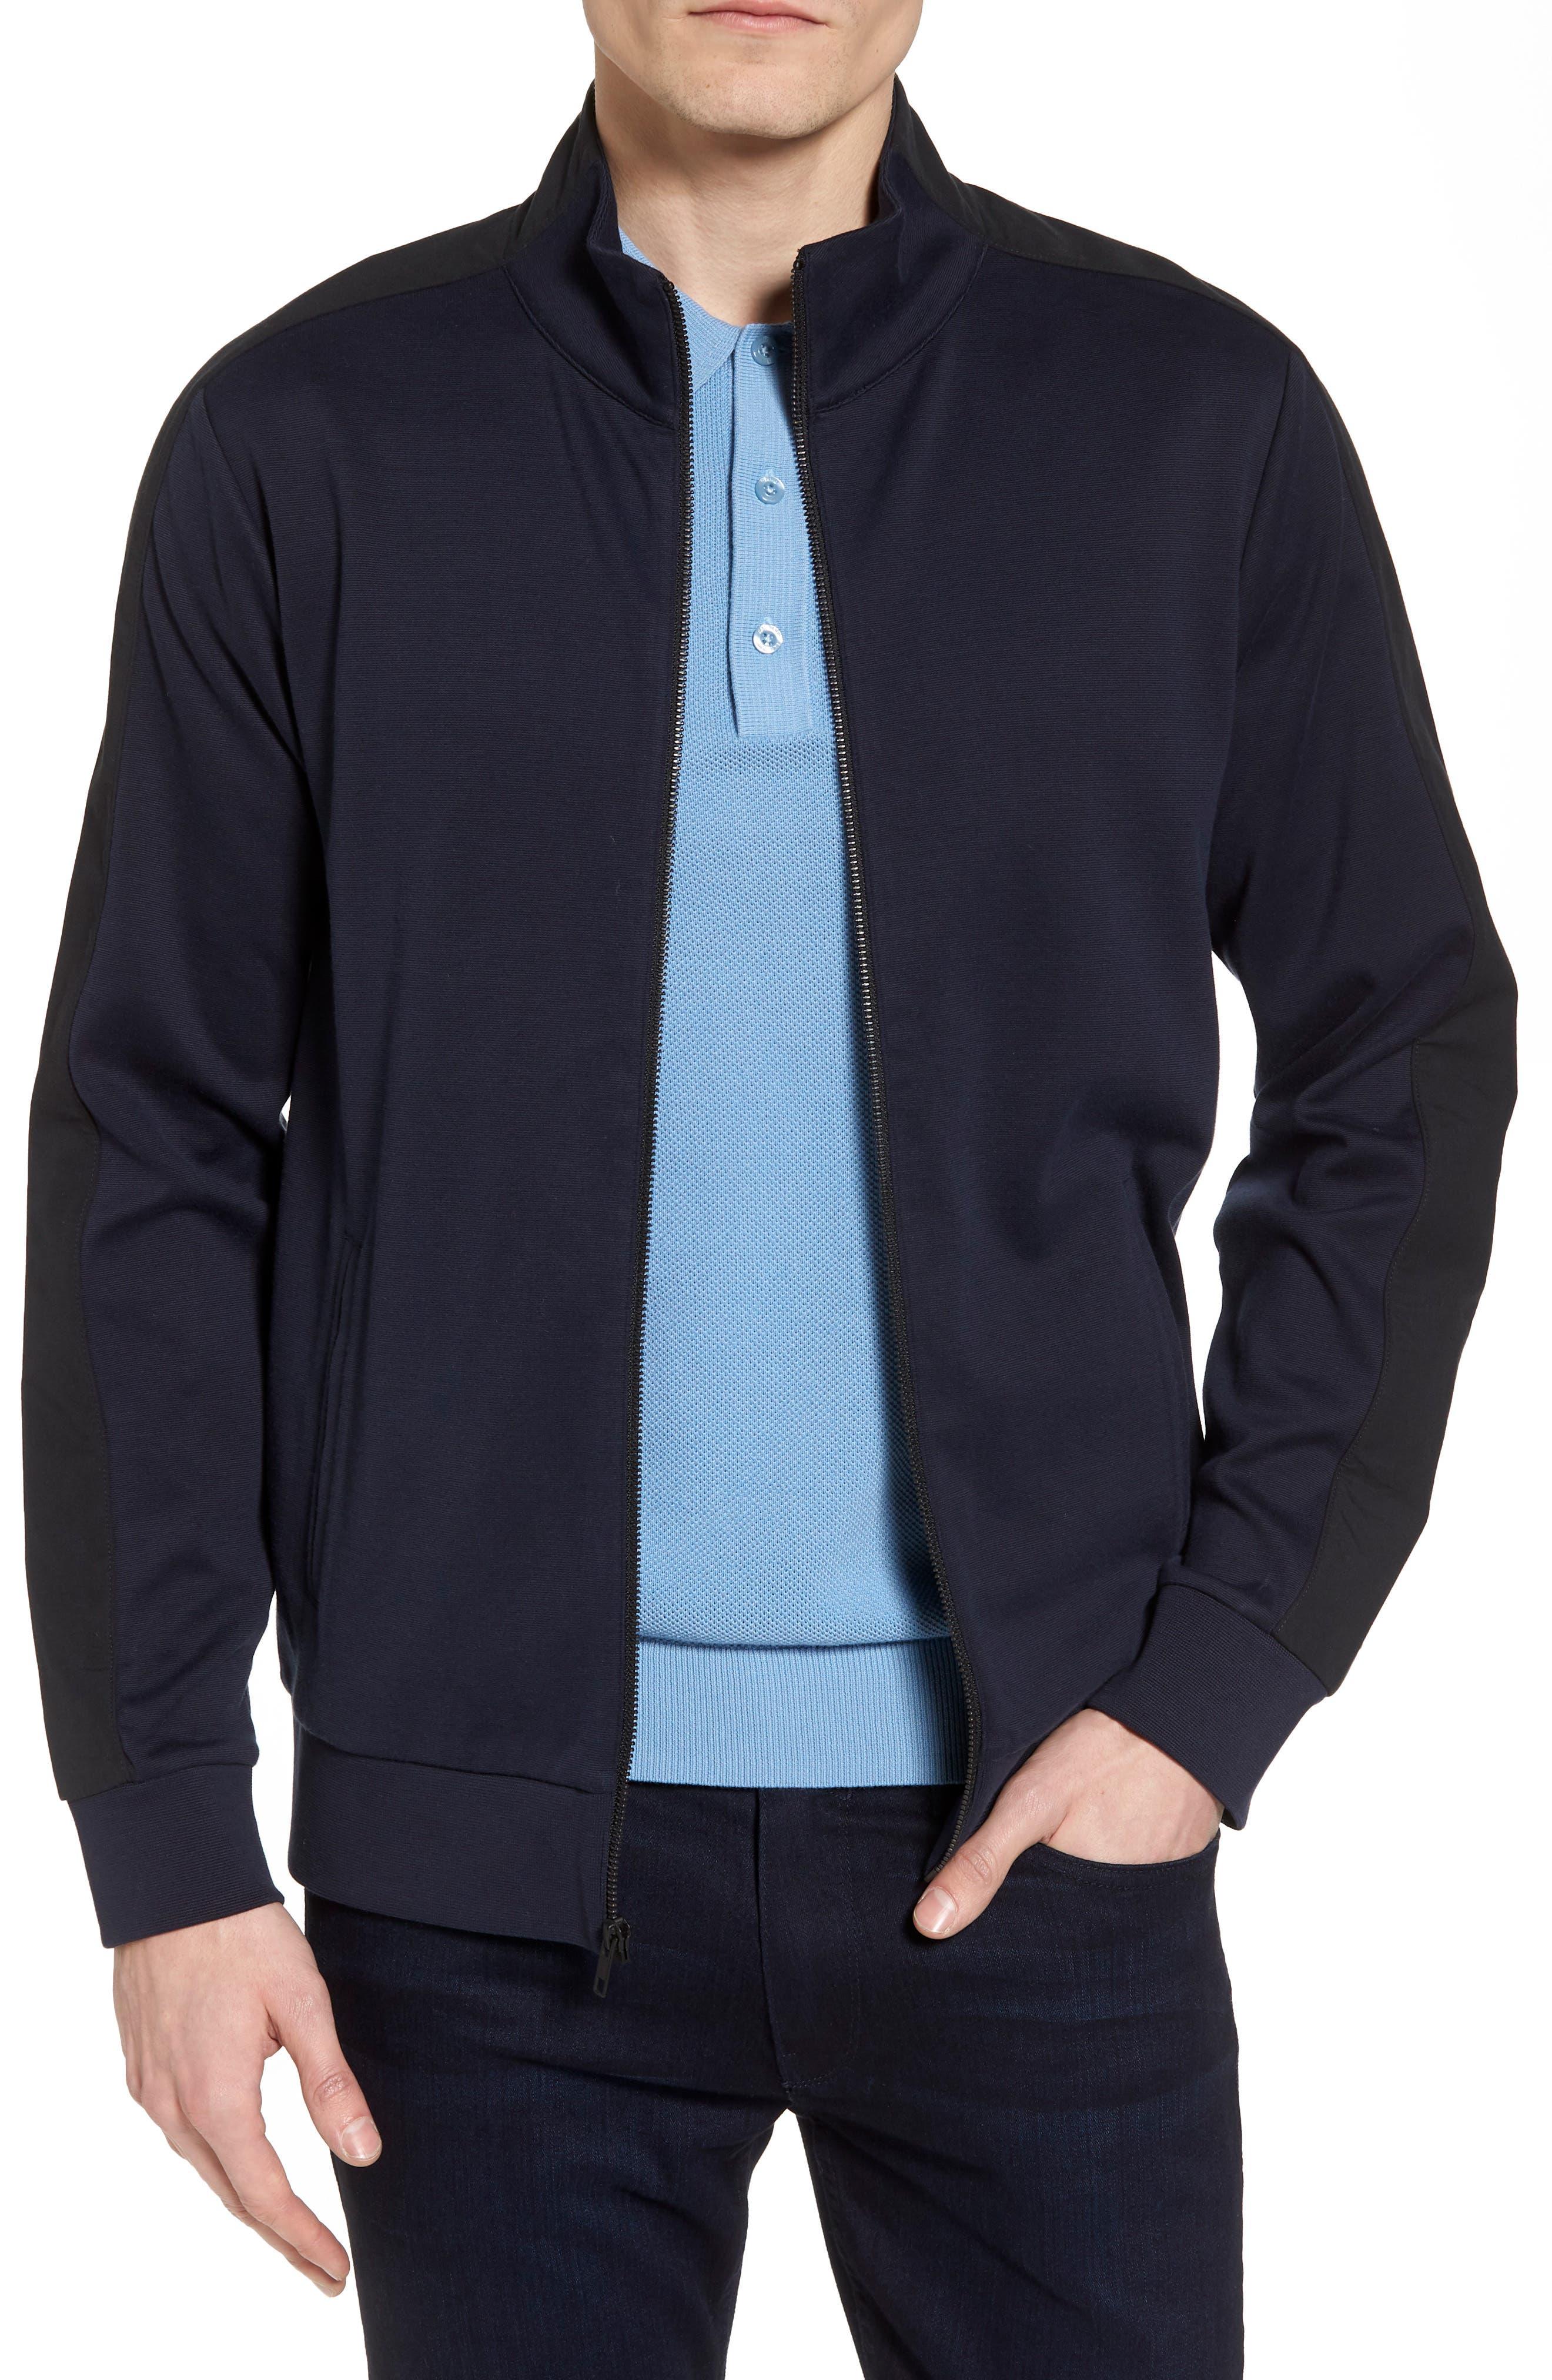 Calibrate Fleece Jacket